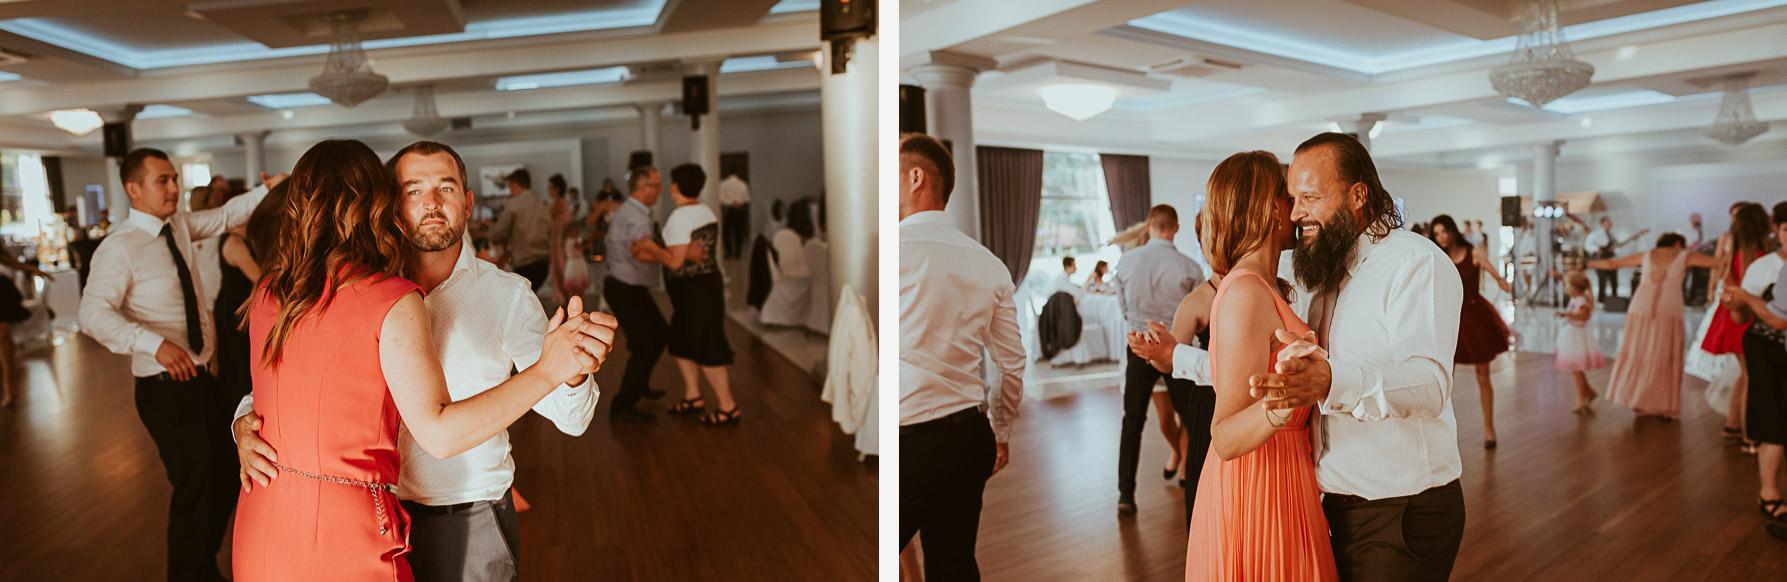 Zdjęcia Ślubne Żywiec 133 27v